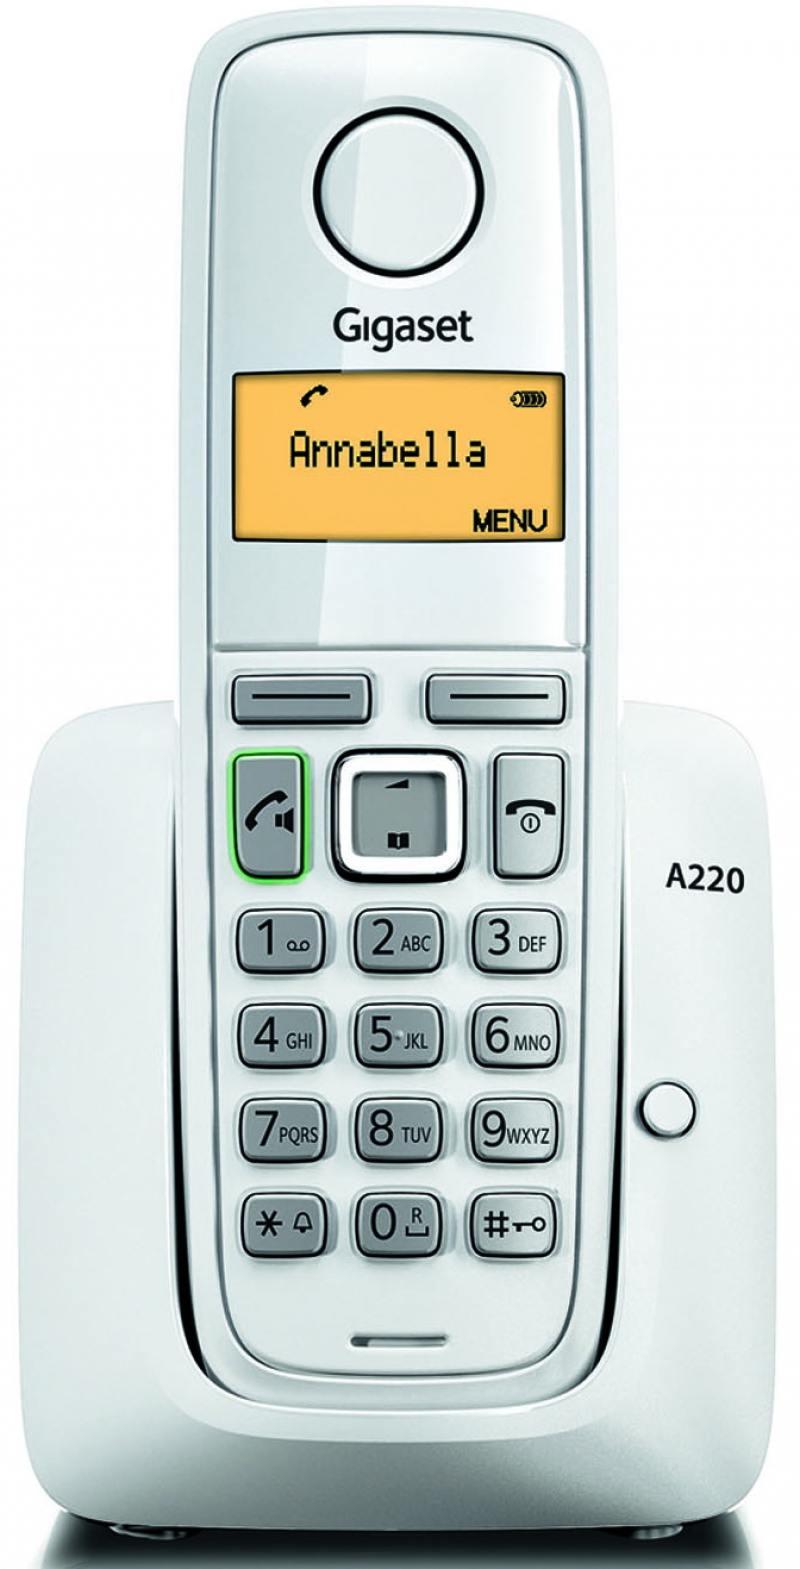 Фото Радиотелефон DECT Gigaset A220 белый радиотелефон dect gigaset a220 белый